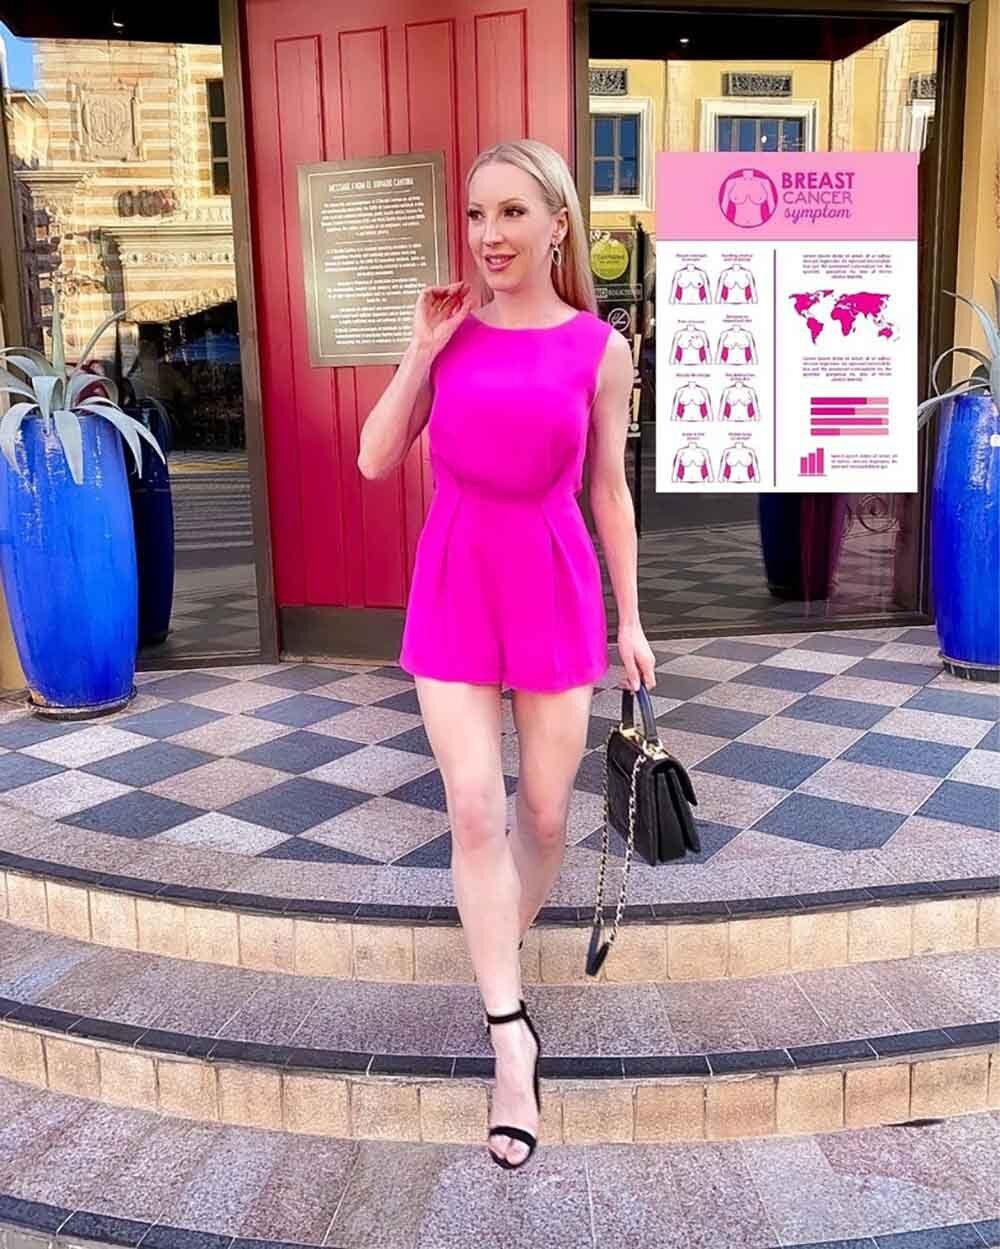 Pink romper fashion blogger Eve Dawes brunch